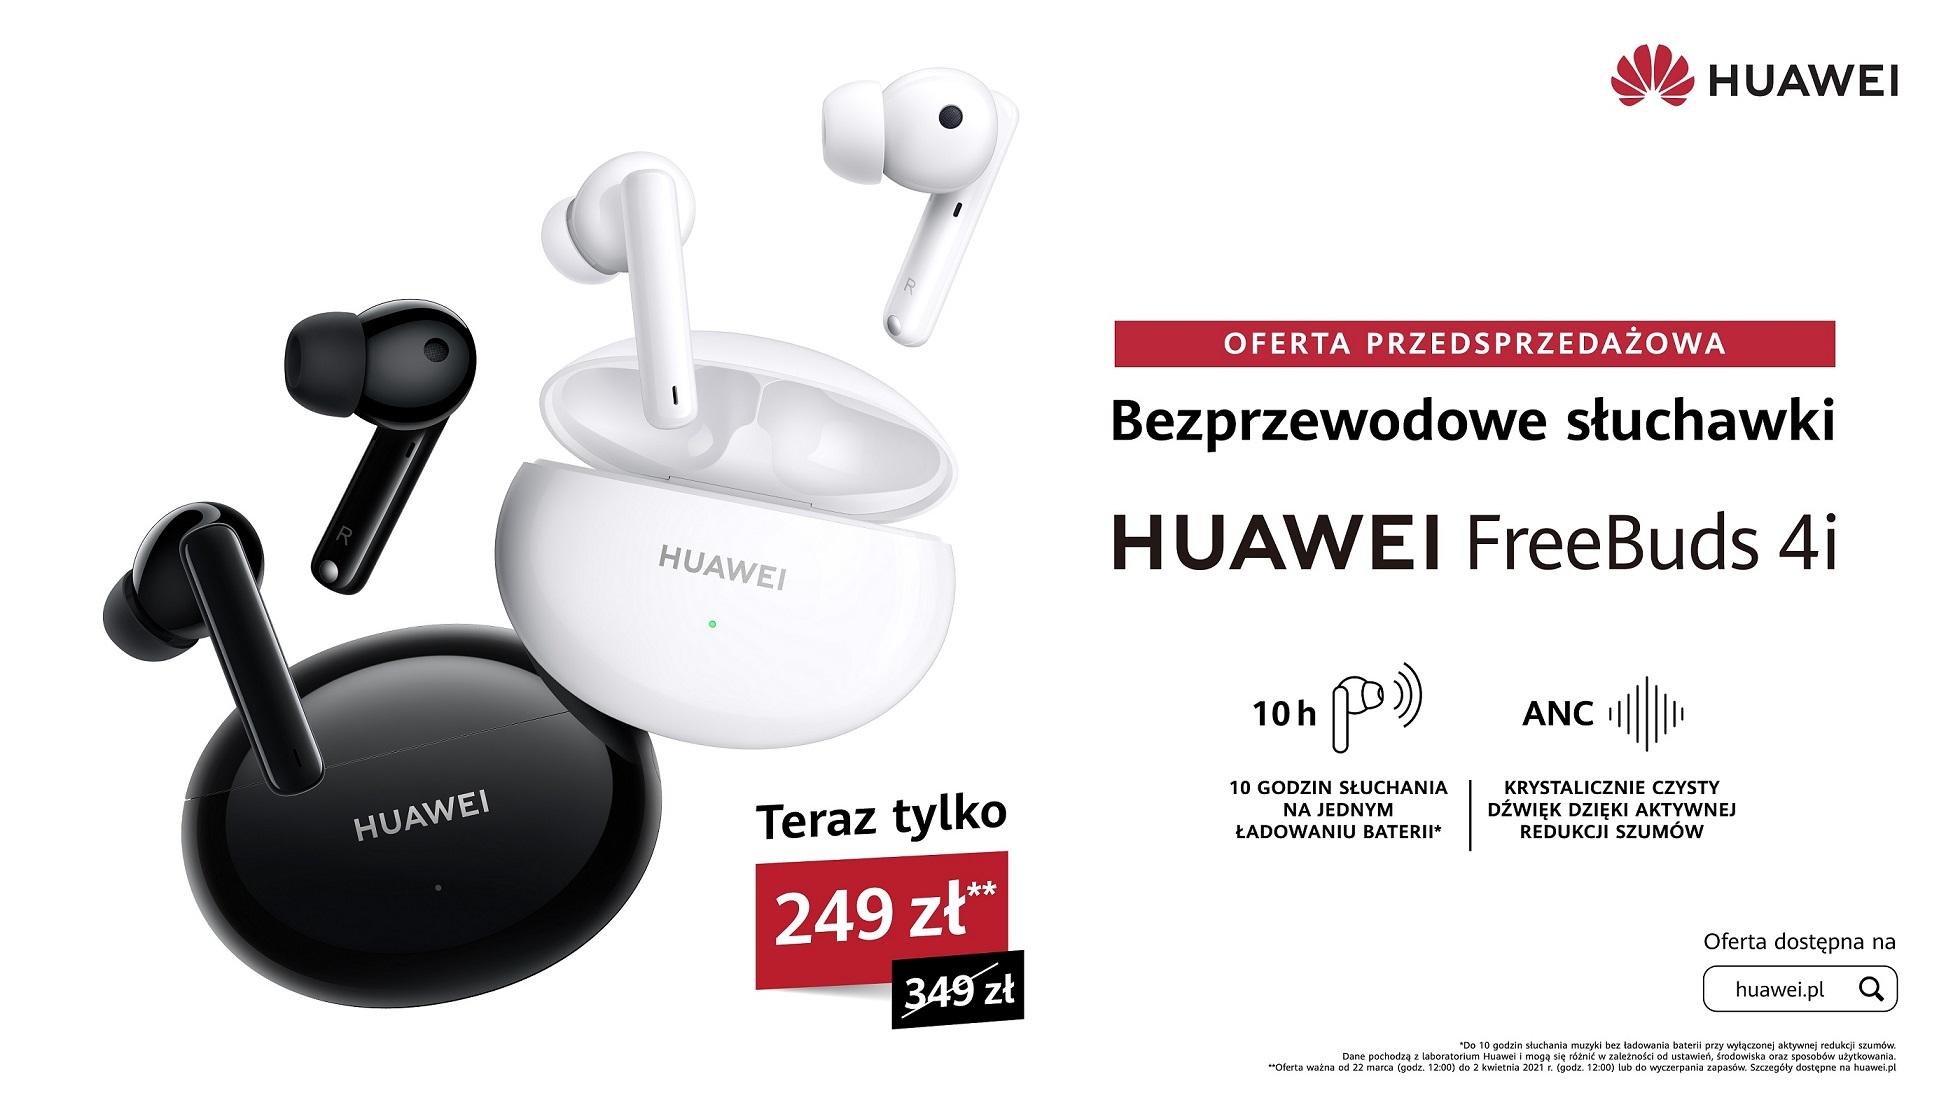 Huawei FreeBuds 4i, nowe, bezprzewodowe słuchawki z aktywną redukcją szumów, od dziś w atrakcyjnej ofercie